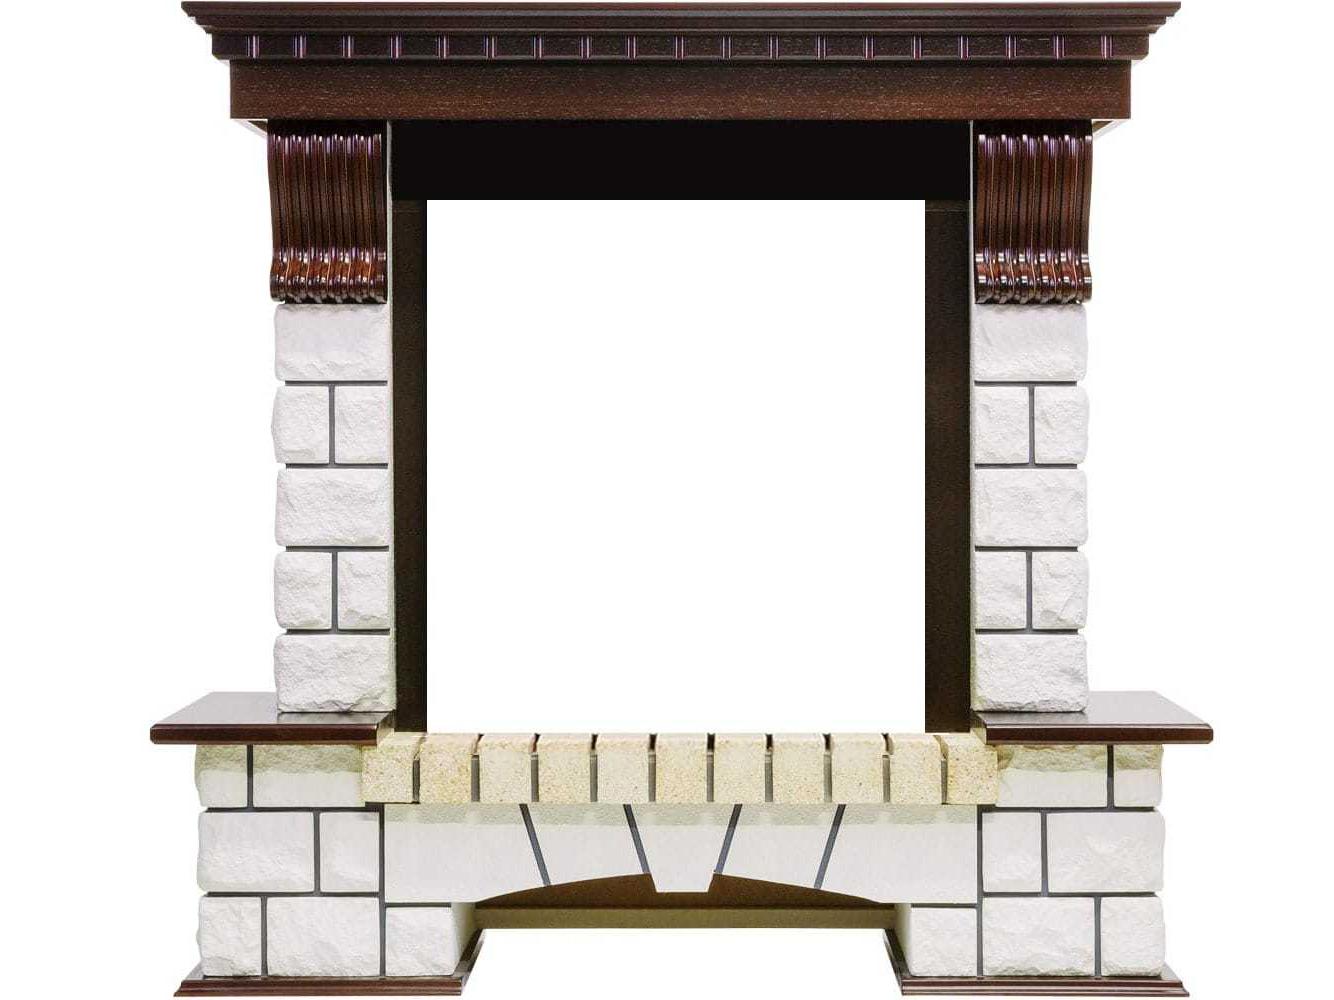 Портал Pierre LuxeКамины, порталы и очаги<br>Портал Pierre Luxe, выполненный под классические очаги Opti-myst — это классическое решение, которое элегантно вписывается как в интерьер любой современной квартиры, так и в обстановку шикарного загородного дома.&amp;lt;div&amp;gt;&amp;lt;br&amp;gt;&amp;lt;/div&amp;gt;&amp;lt;div&amp;gt;Материал: МДФ, натуральный шпон, гипс&amp;lt;/div&amp;gt;<br><br>Material: МДФ<br>Ширина см: 112.0<br>Высота см: 105.0<br>Глубина см: 39.0